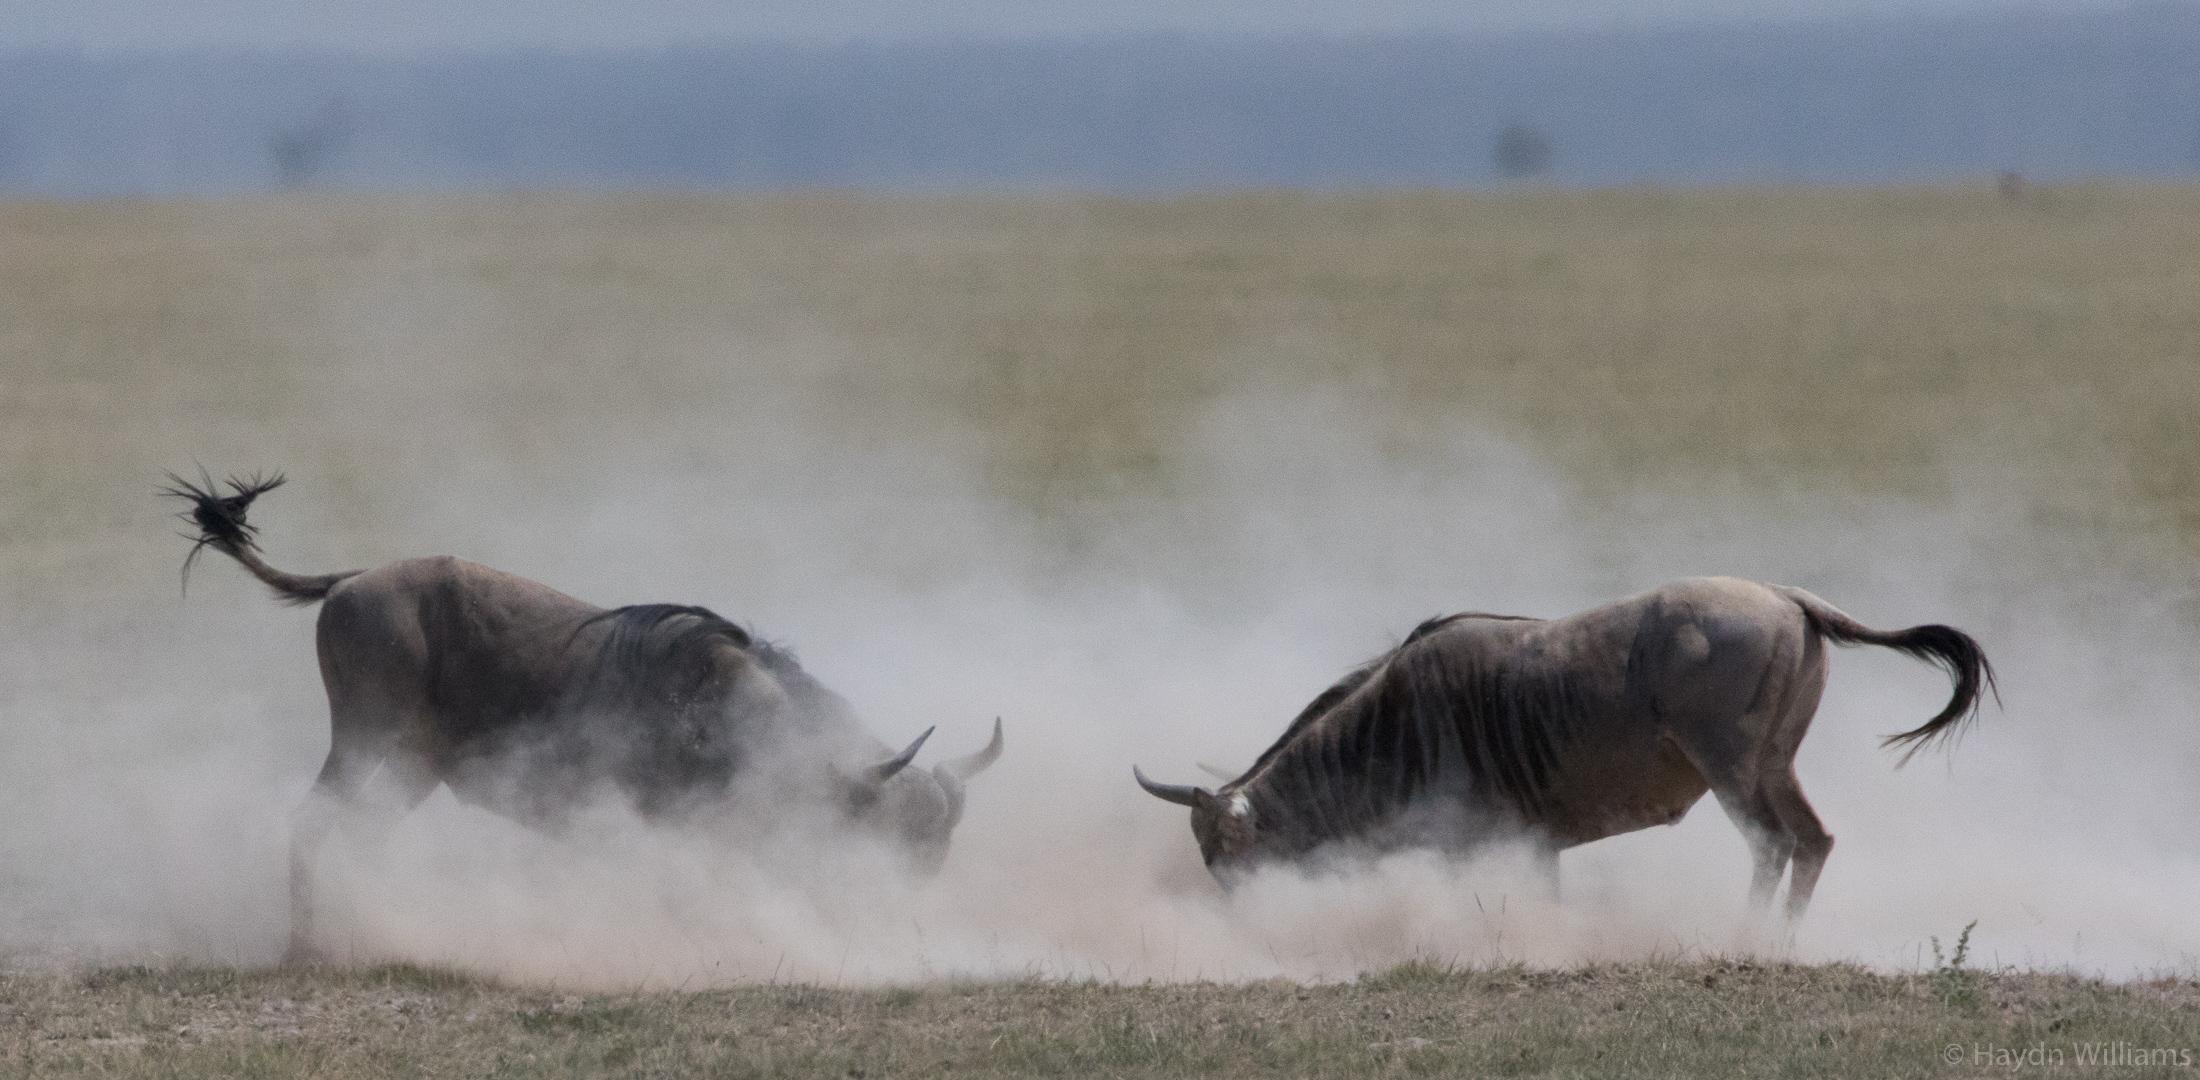 Wildebeest. ©Haydn Williams 2019